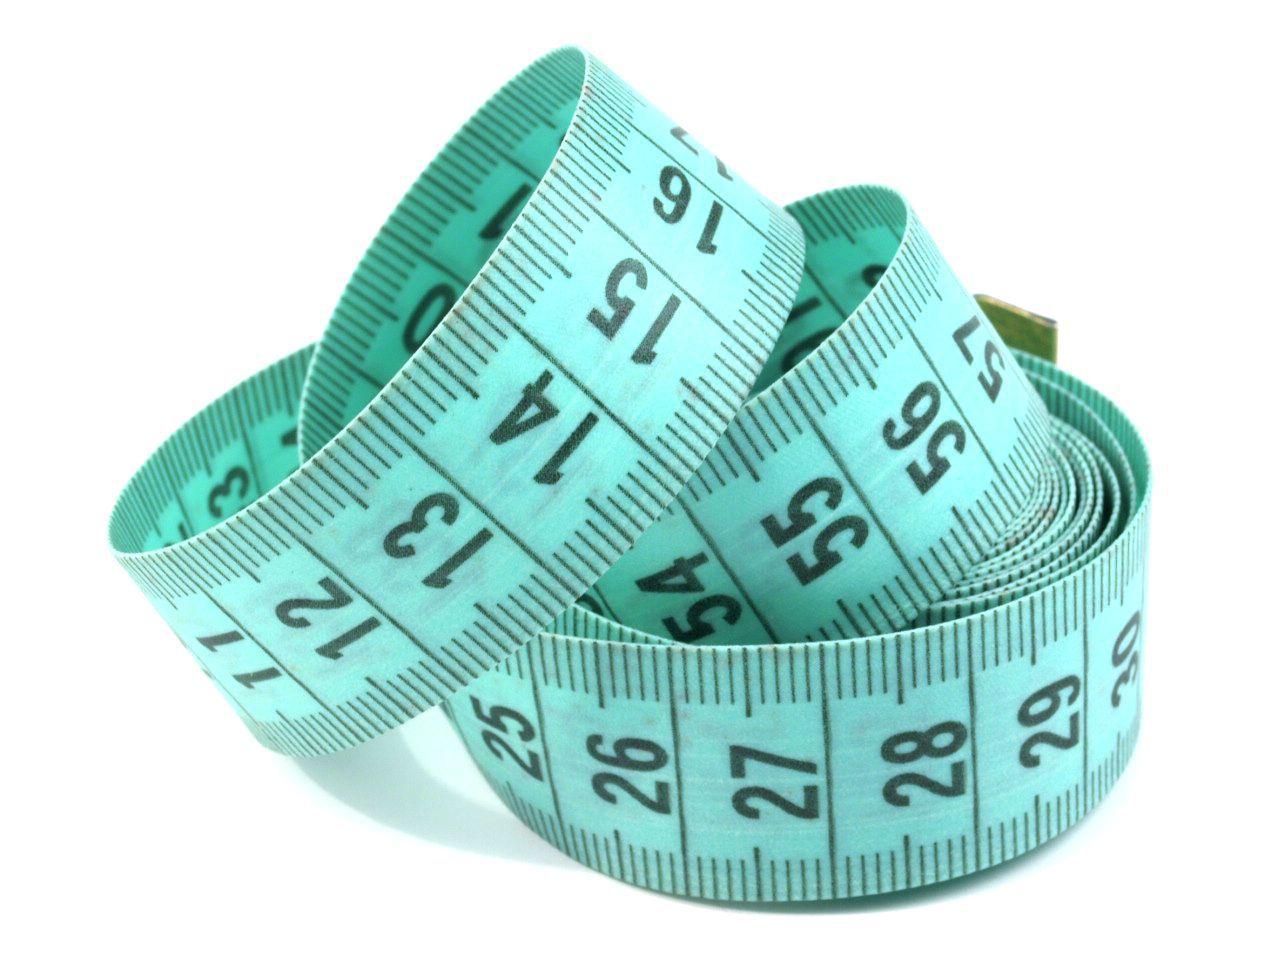 Можно ли обменять мужские нижнее белье на другой размер